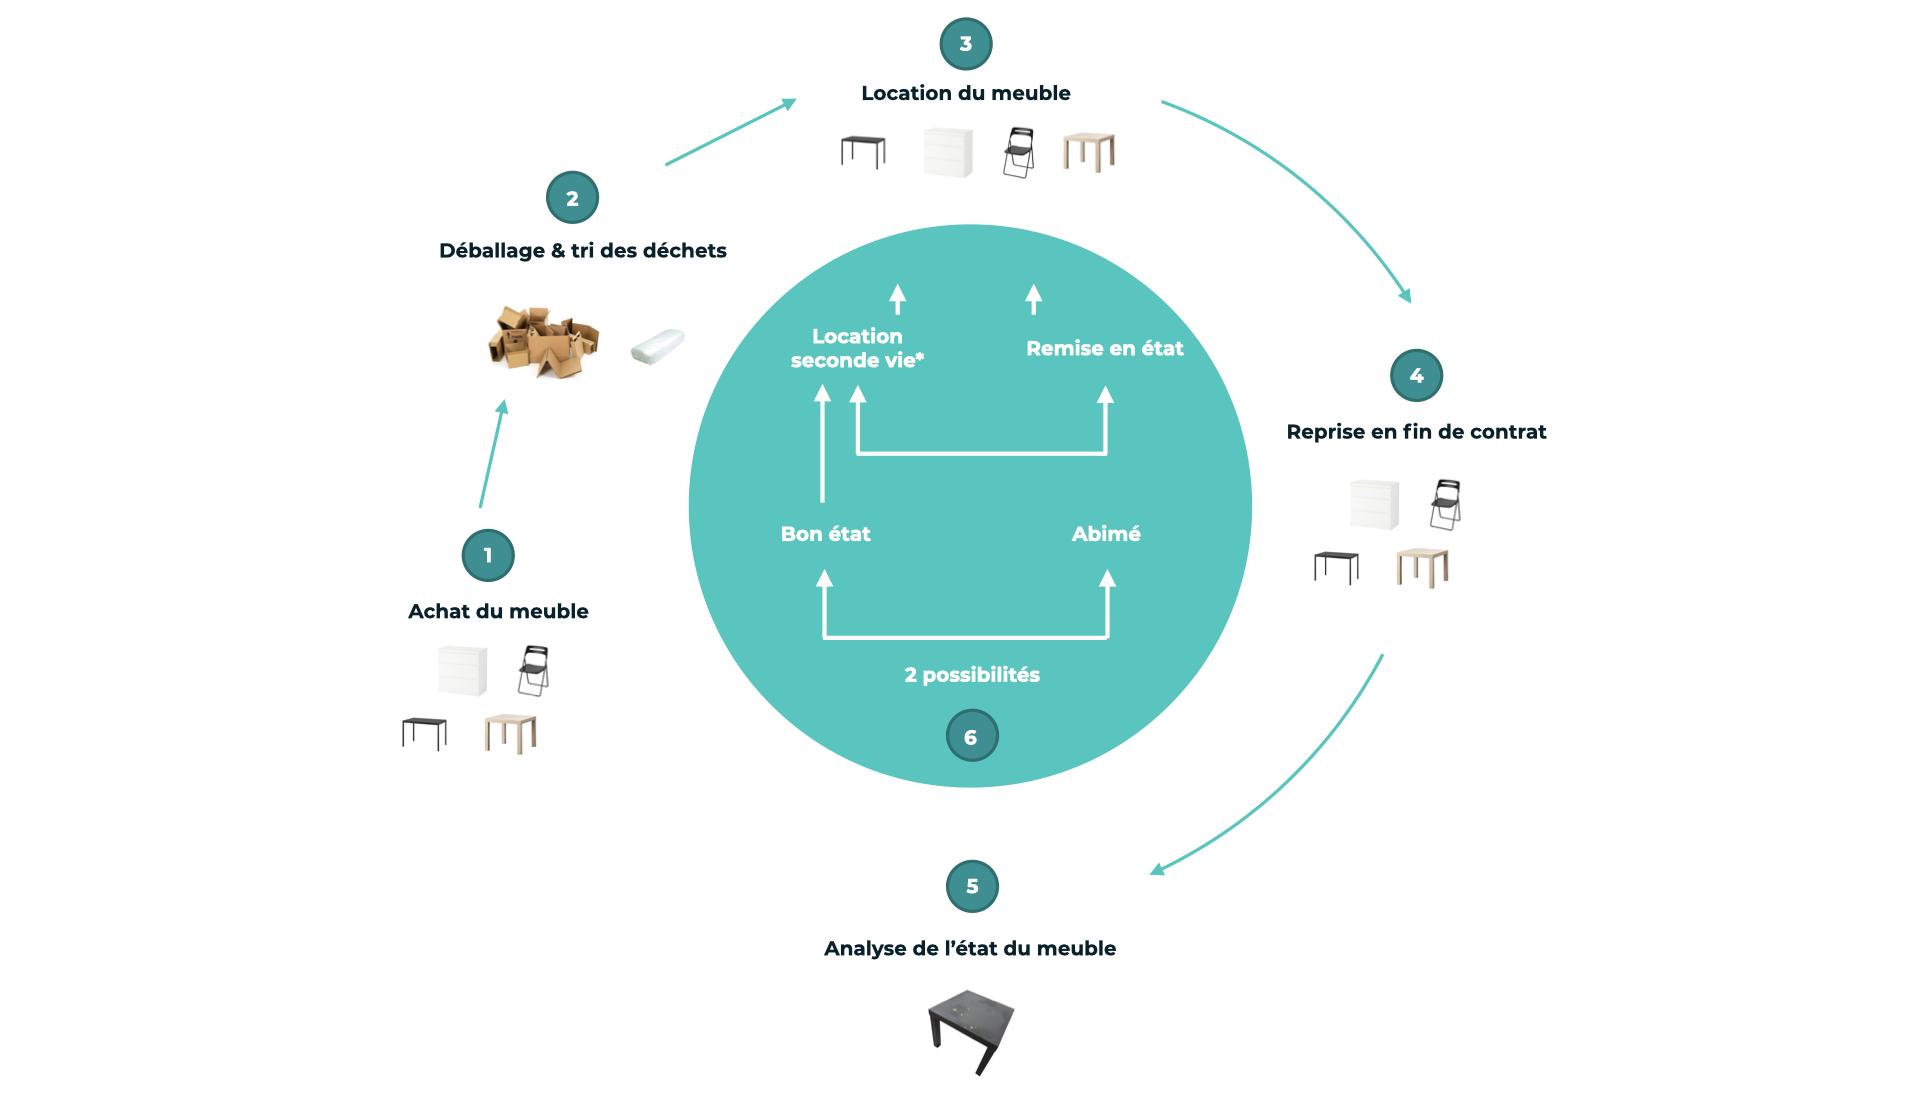 schéma économie circulaire location de meubles ameublea